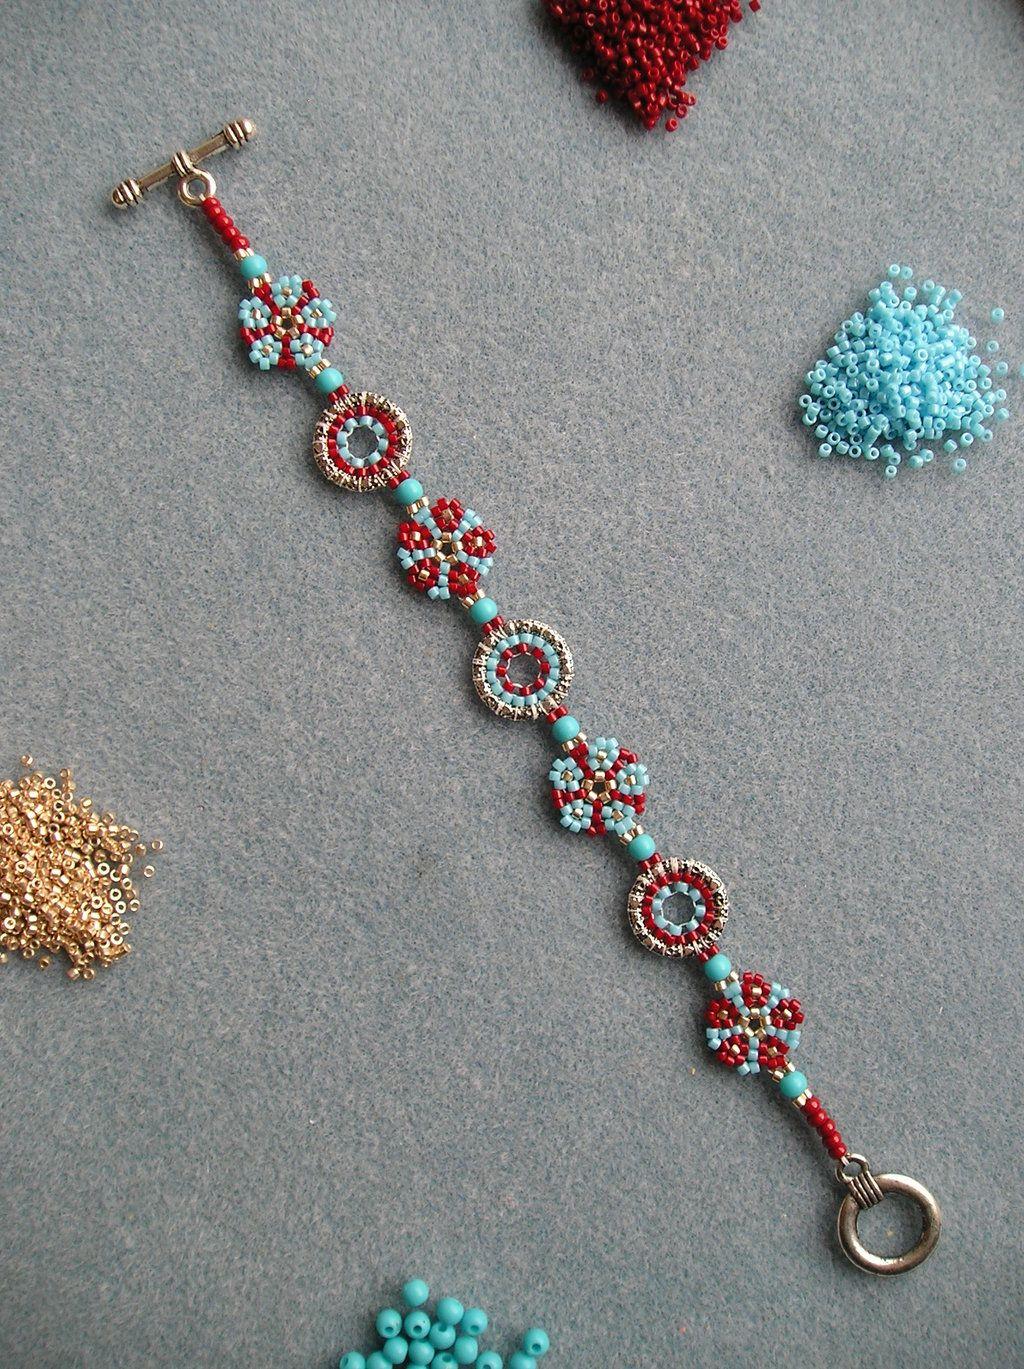 For kia by ldottviantart on deviantart bracelets